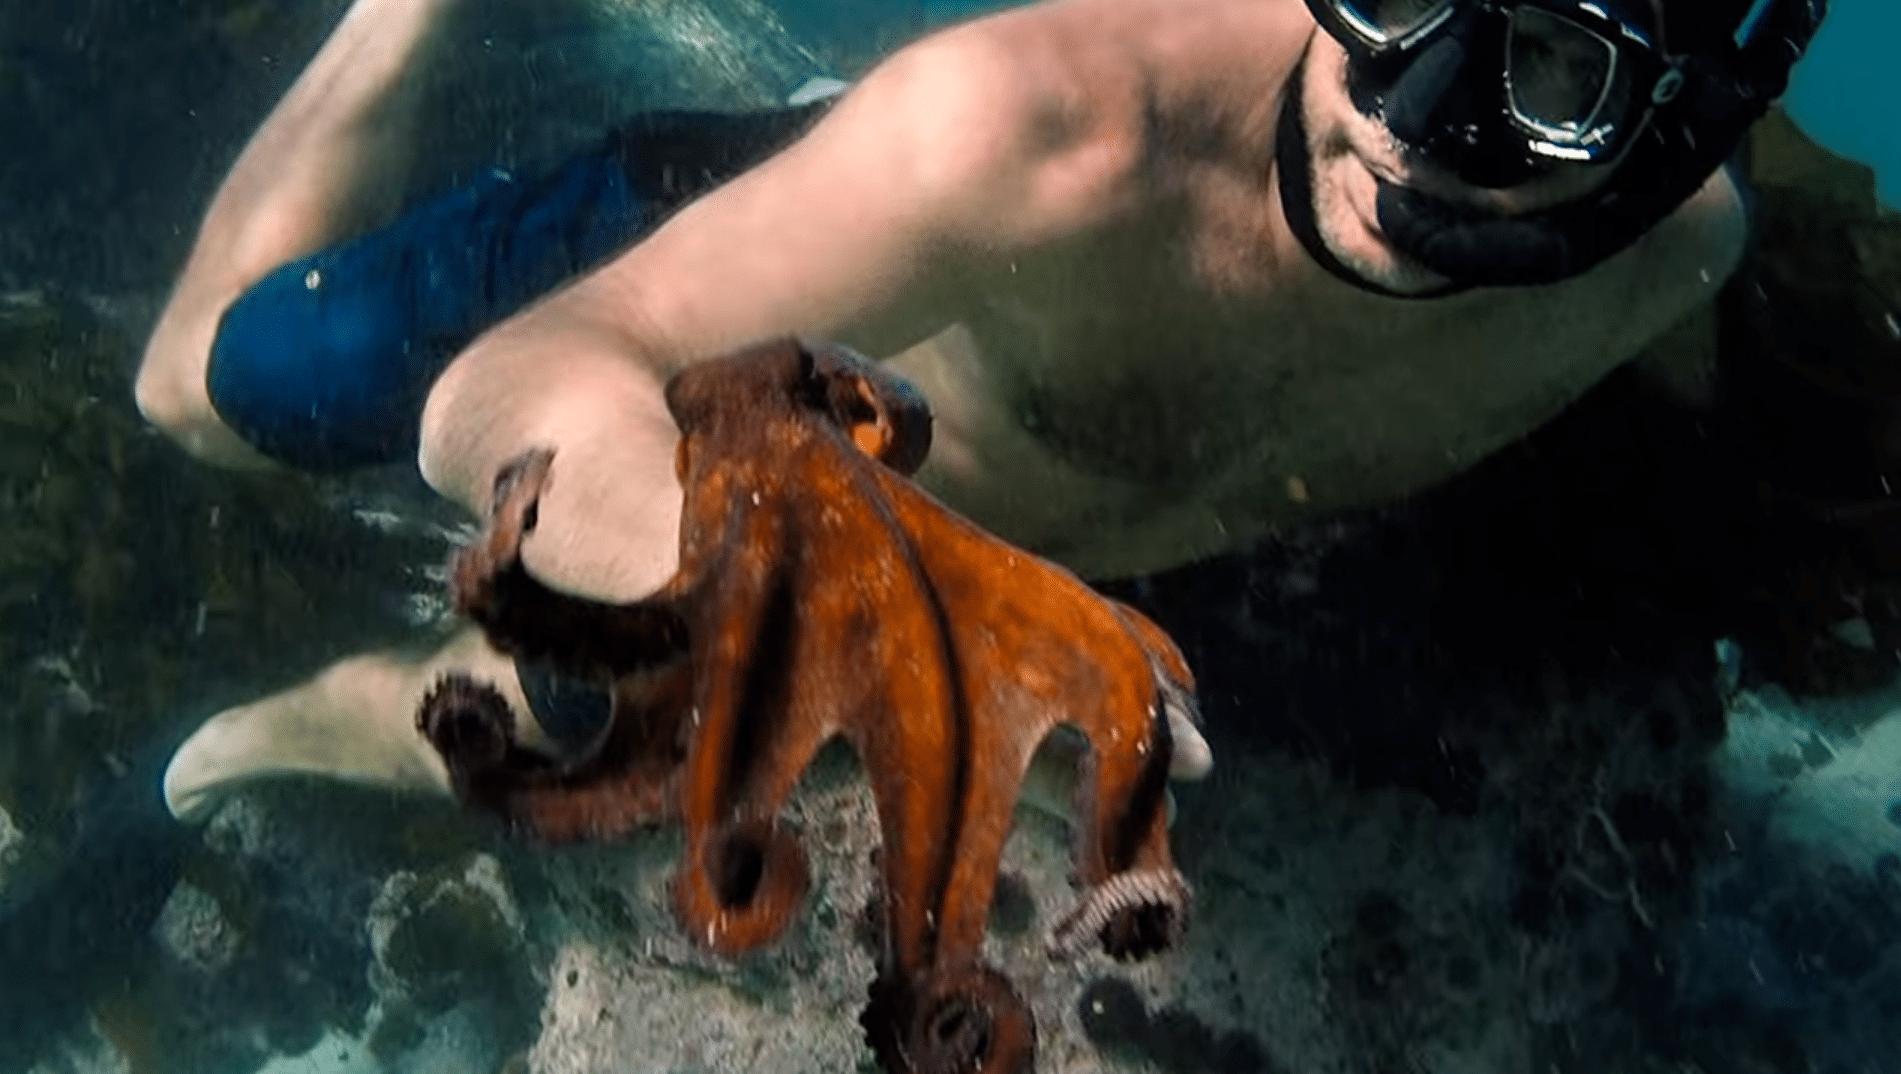 חפצים - עיצוב הבית My octopus teacher</br>סרט לוכד